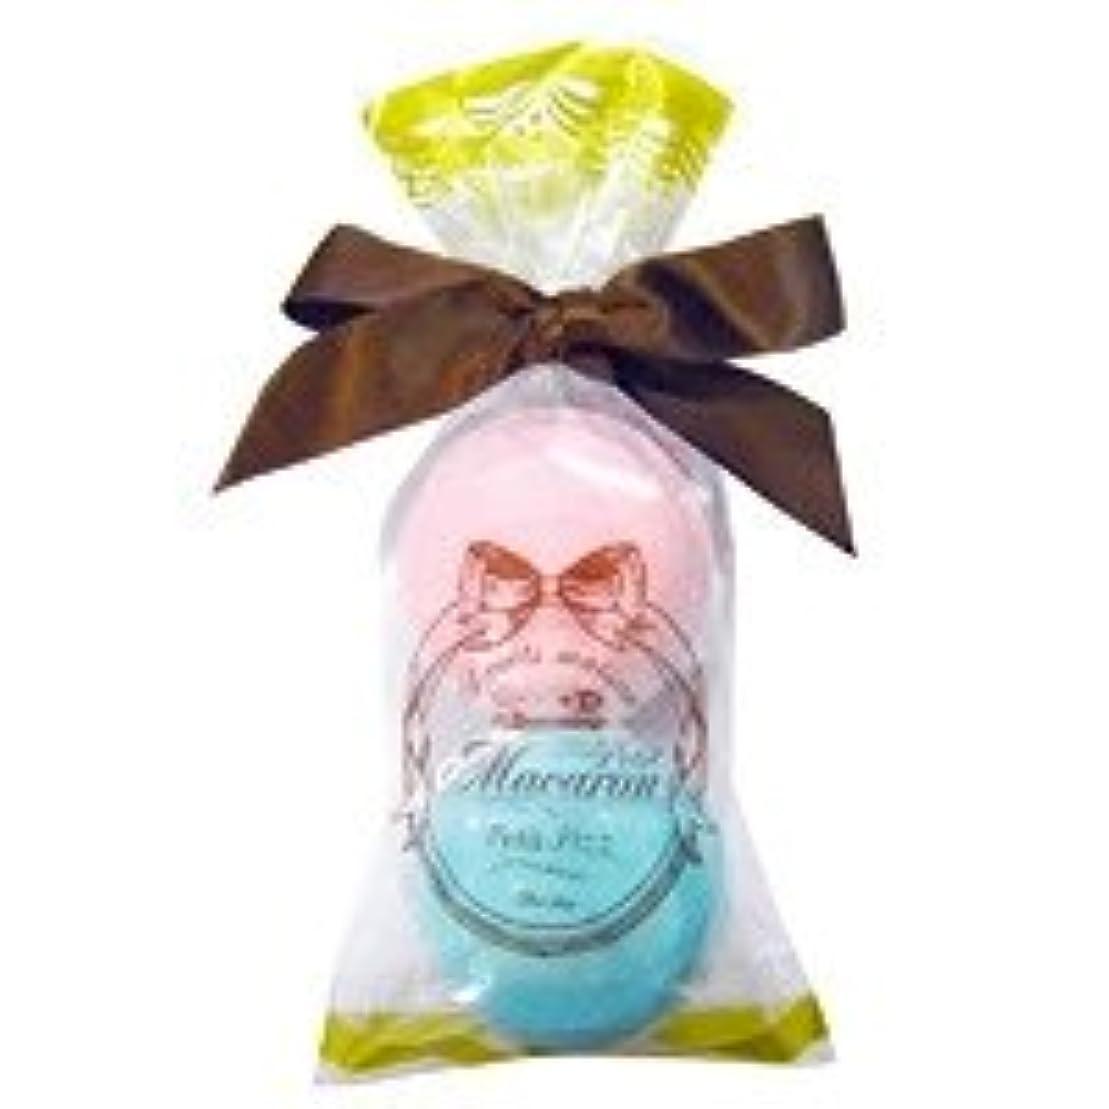 周辺因子文字スウィーツメゾン プチマカロンミニセット「ピンク&ターコイズ」6個セット 甘酸っぱいラズベリーの香り&香り豊かなグリーンティの香り